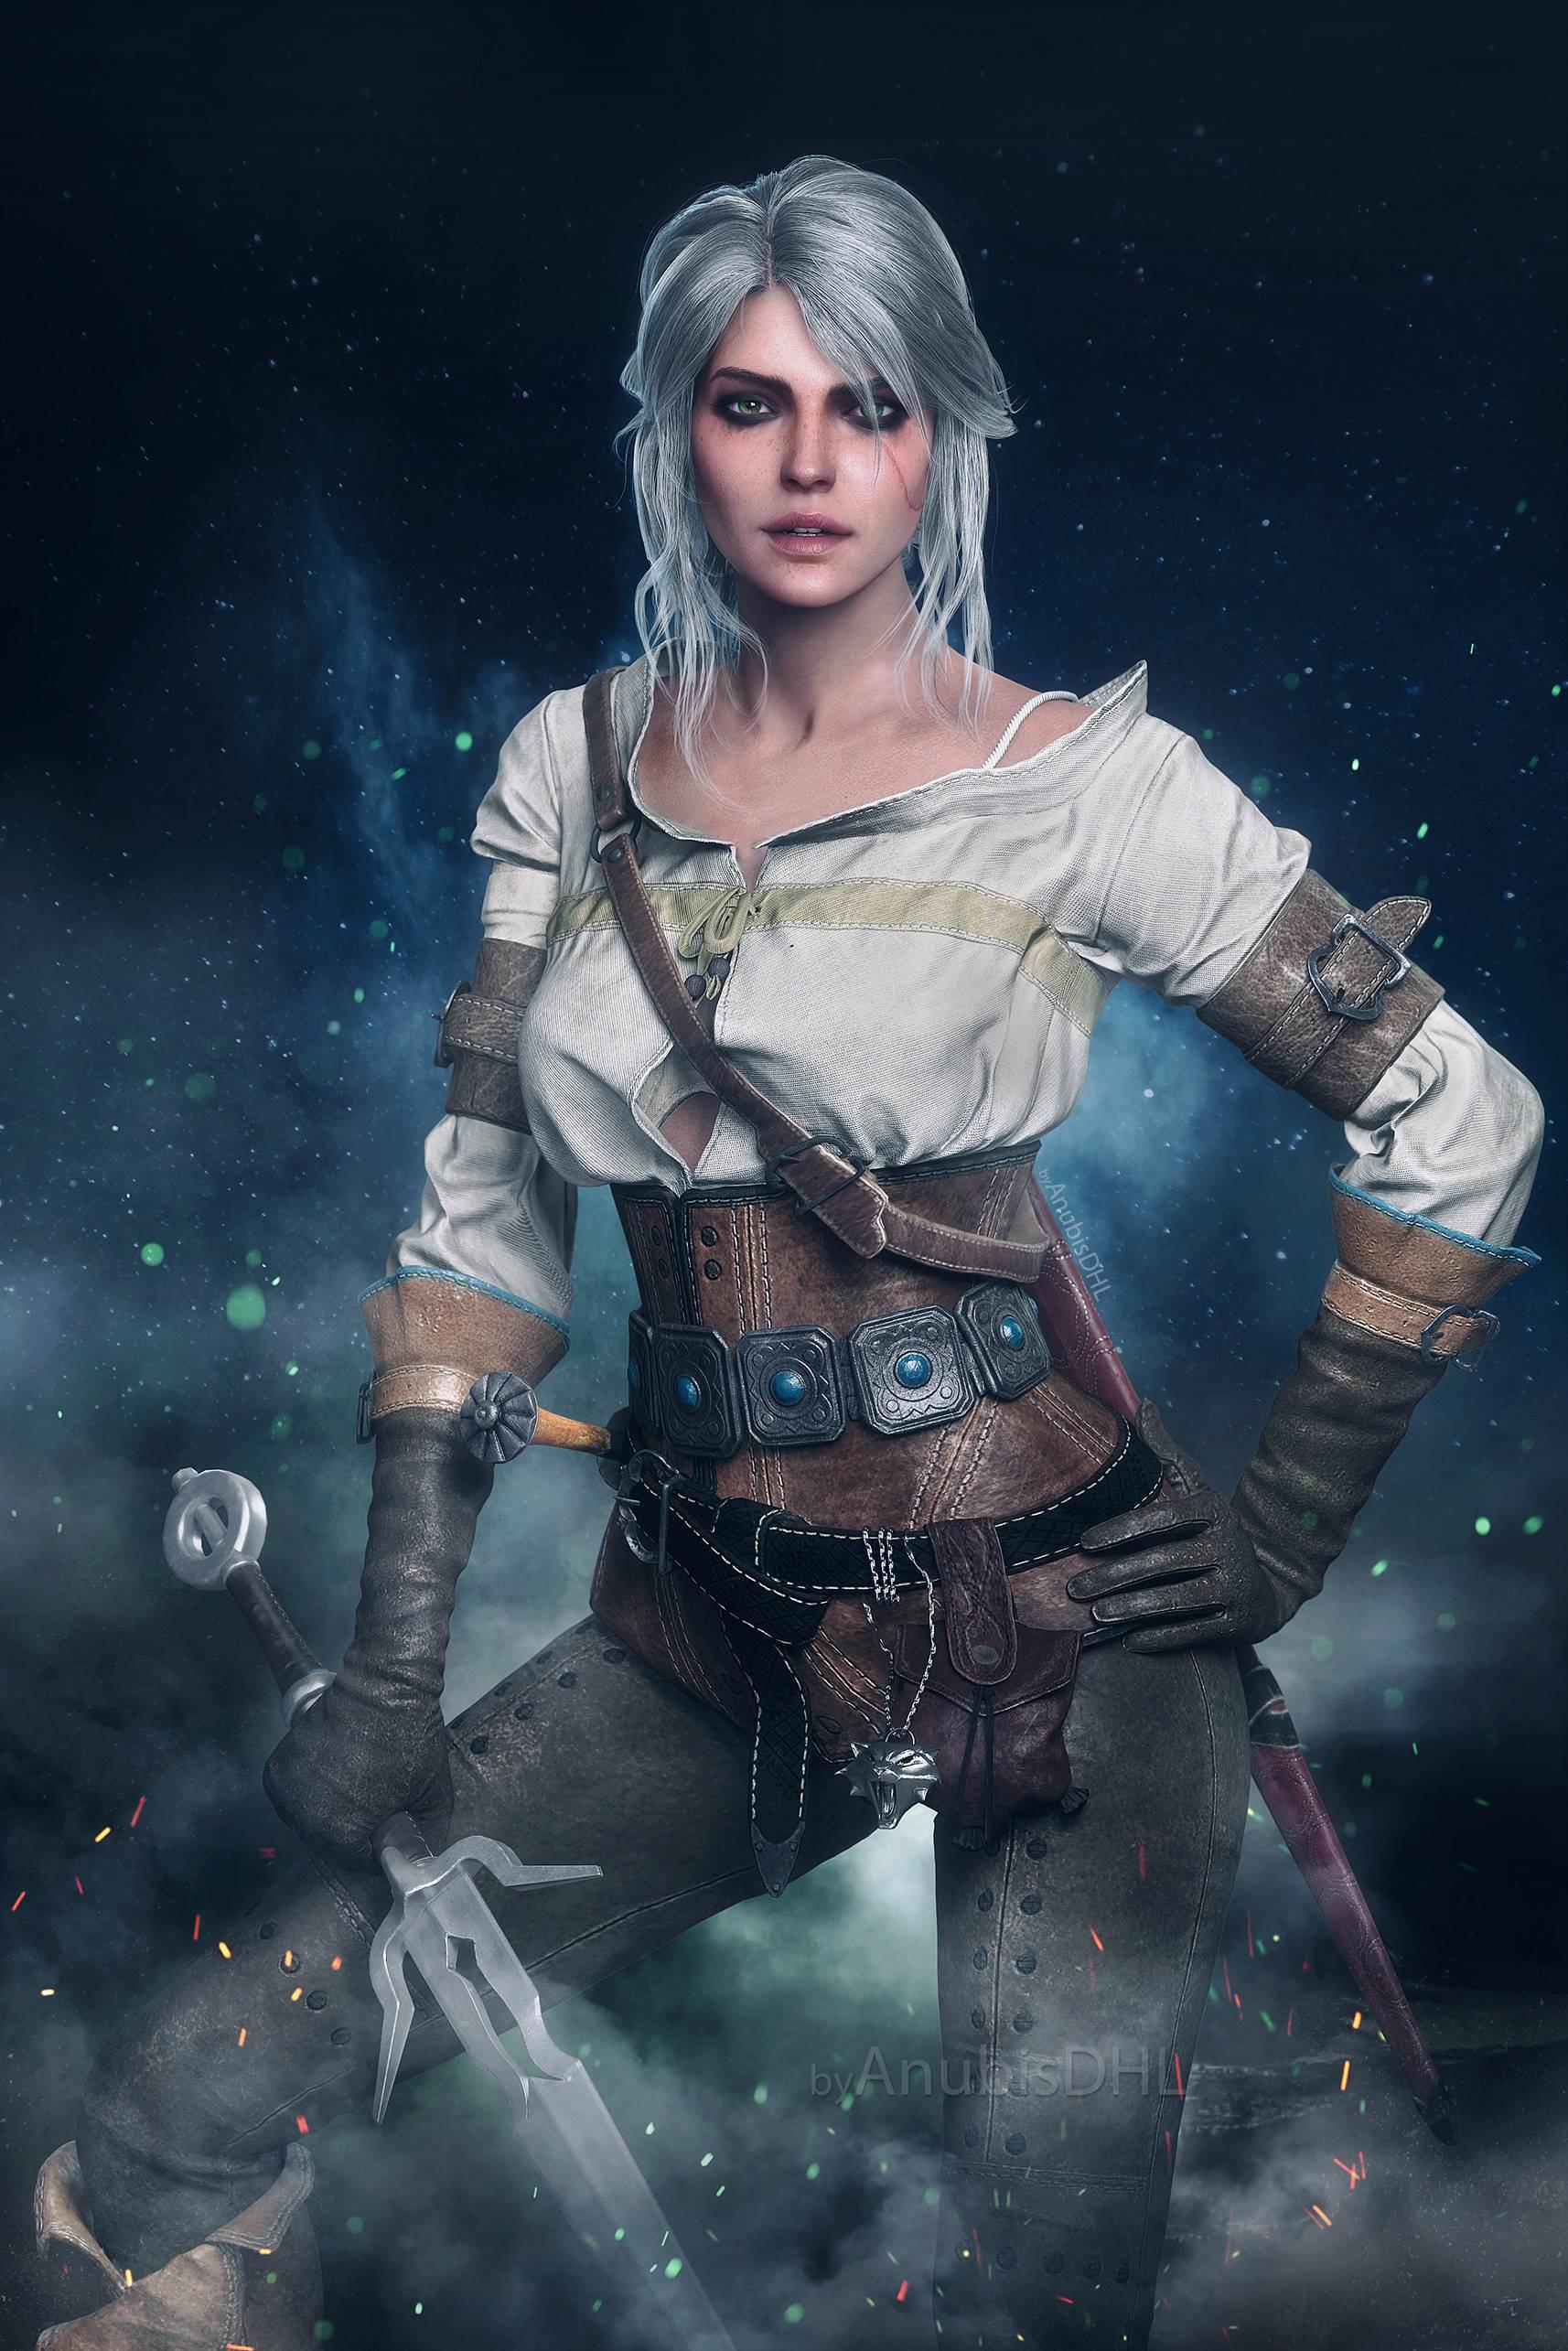 Цири - Witcher 3: Wild Hunt, the арт, персонаж